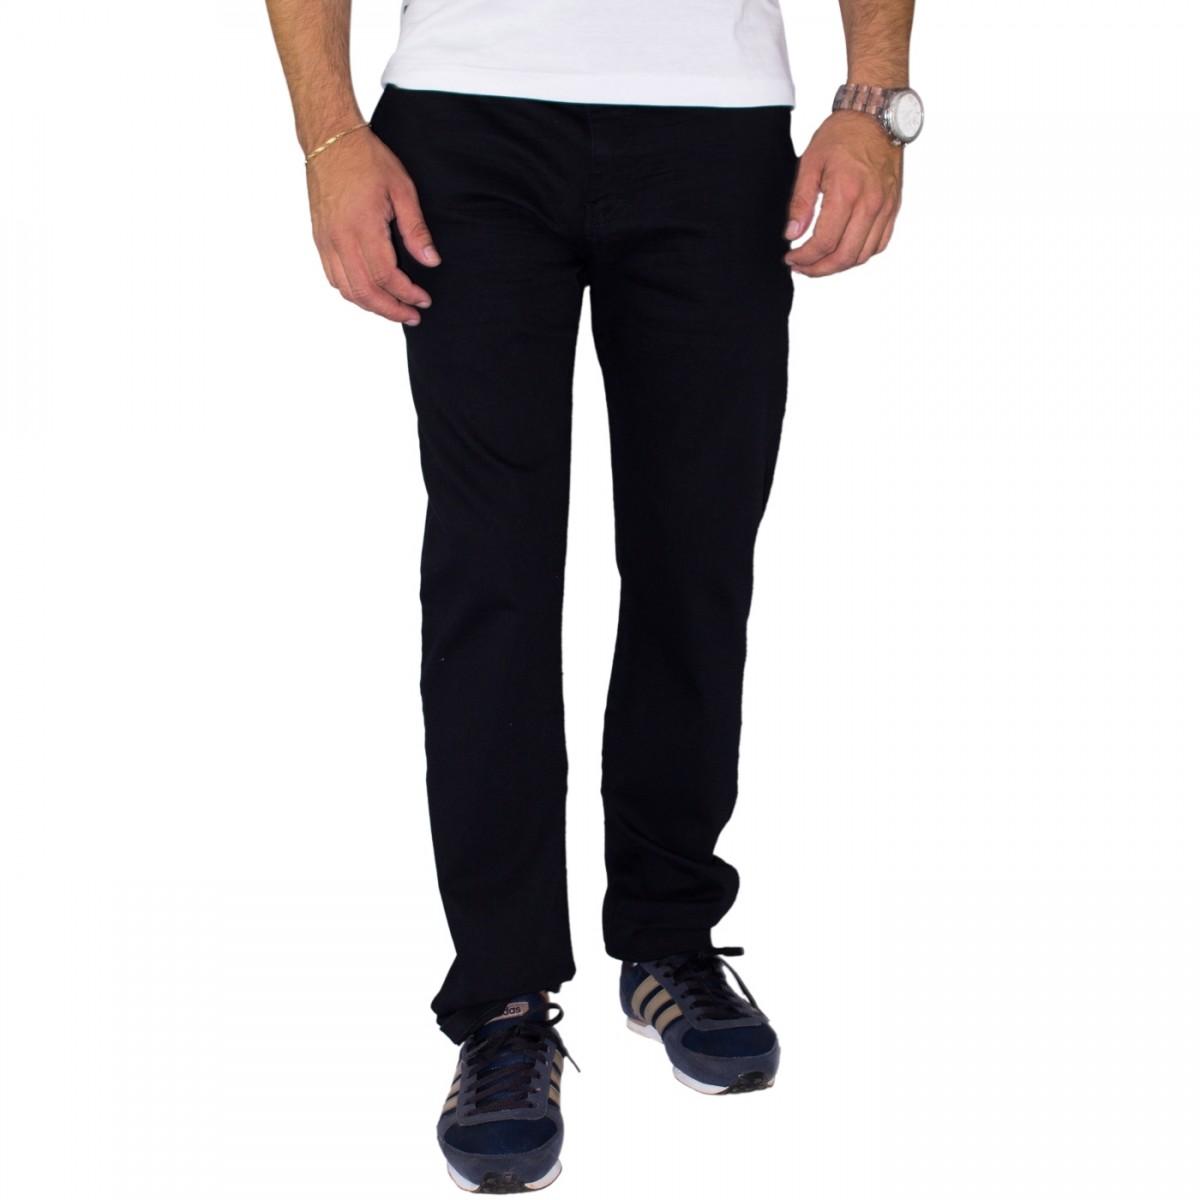 b512426c7 Bizz Store - Calça Jeans Masculina Ellus Second Floor Preta